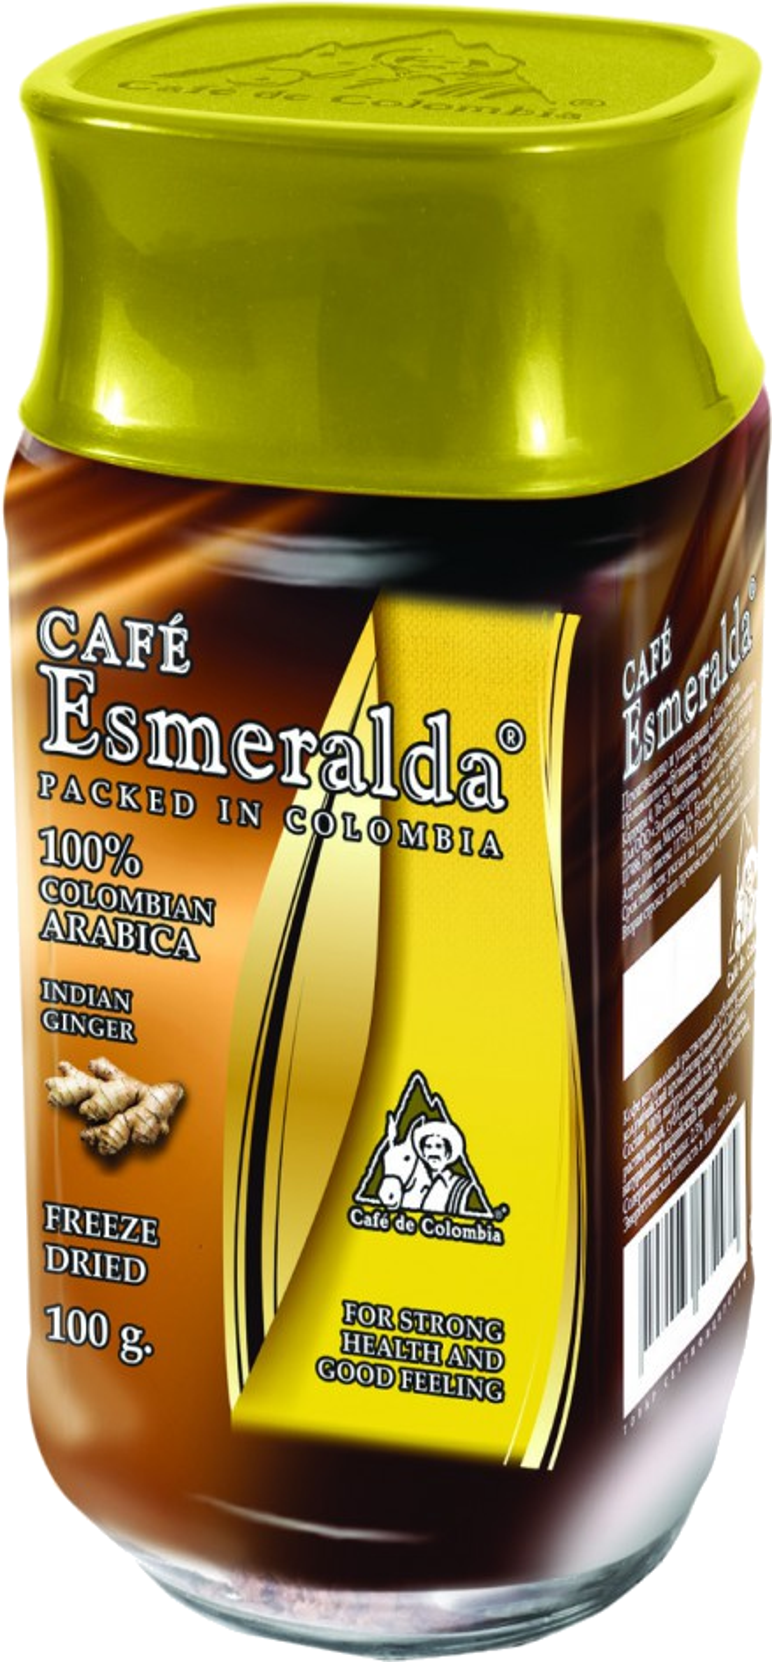 Cafe Esmeralda. Cafe Esmeralda натуральный имбрь 100 гр. стекл.банка